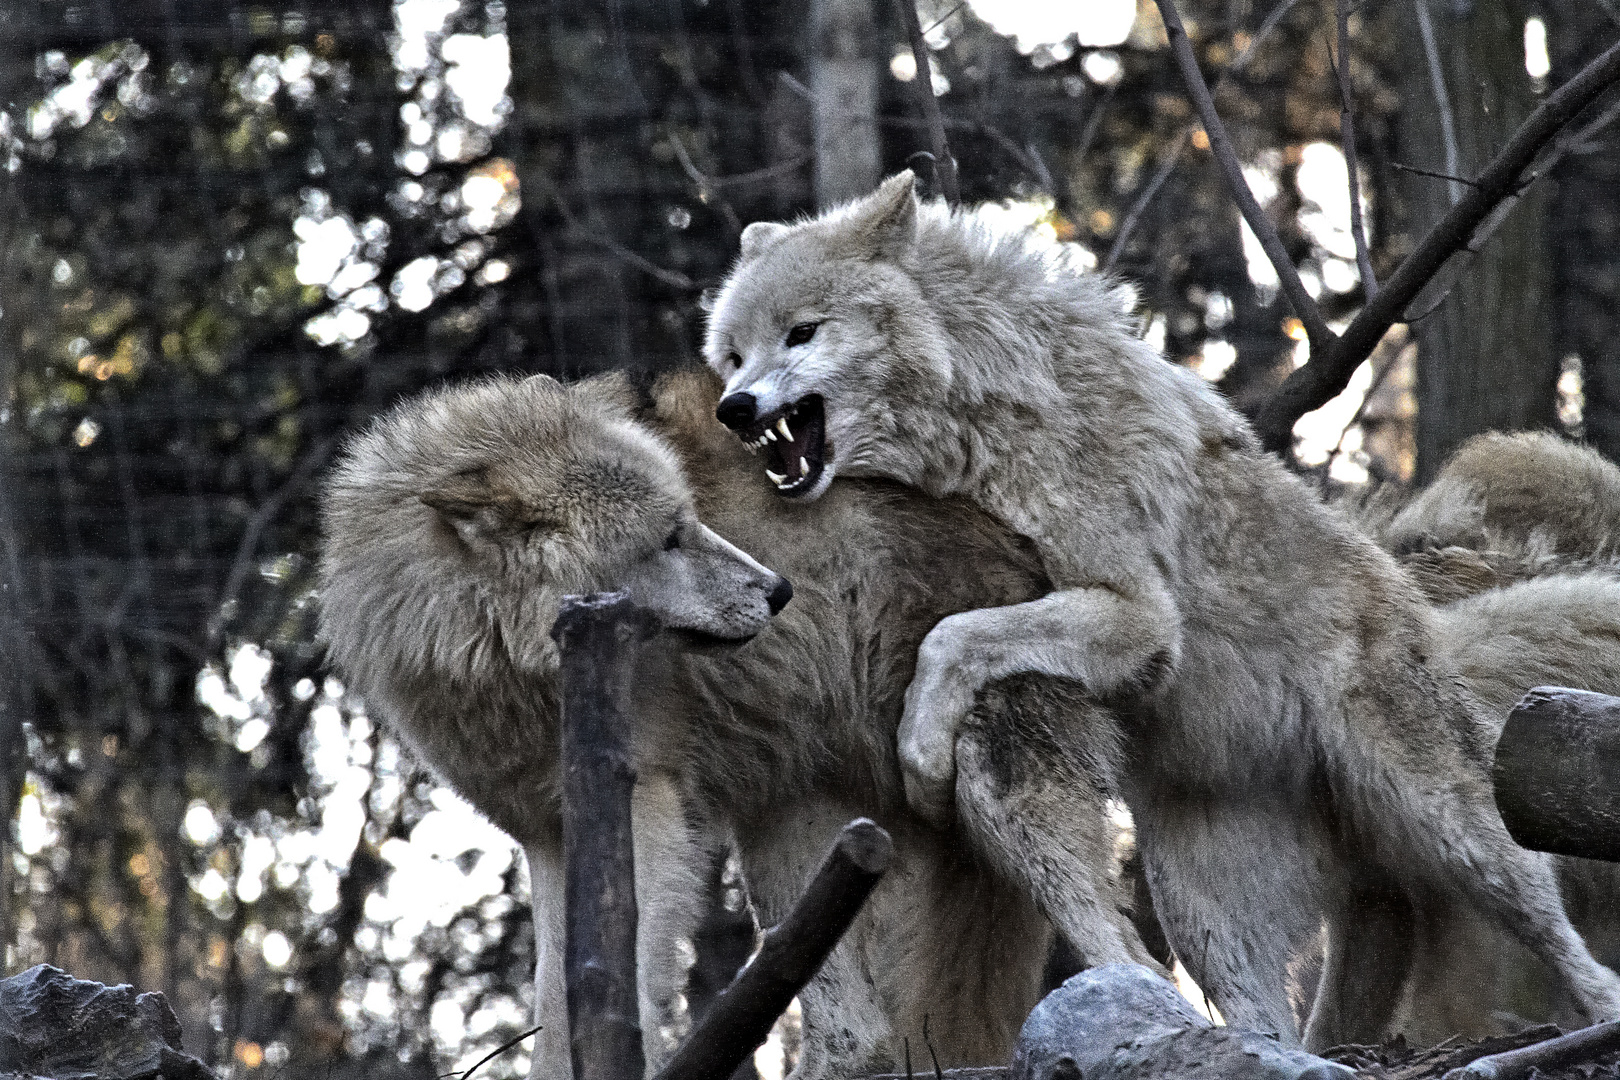 Rangordnung bei den Wölfen